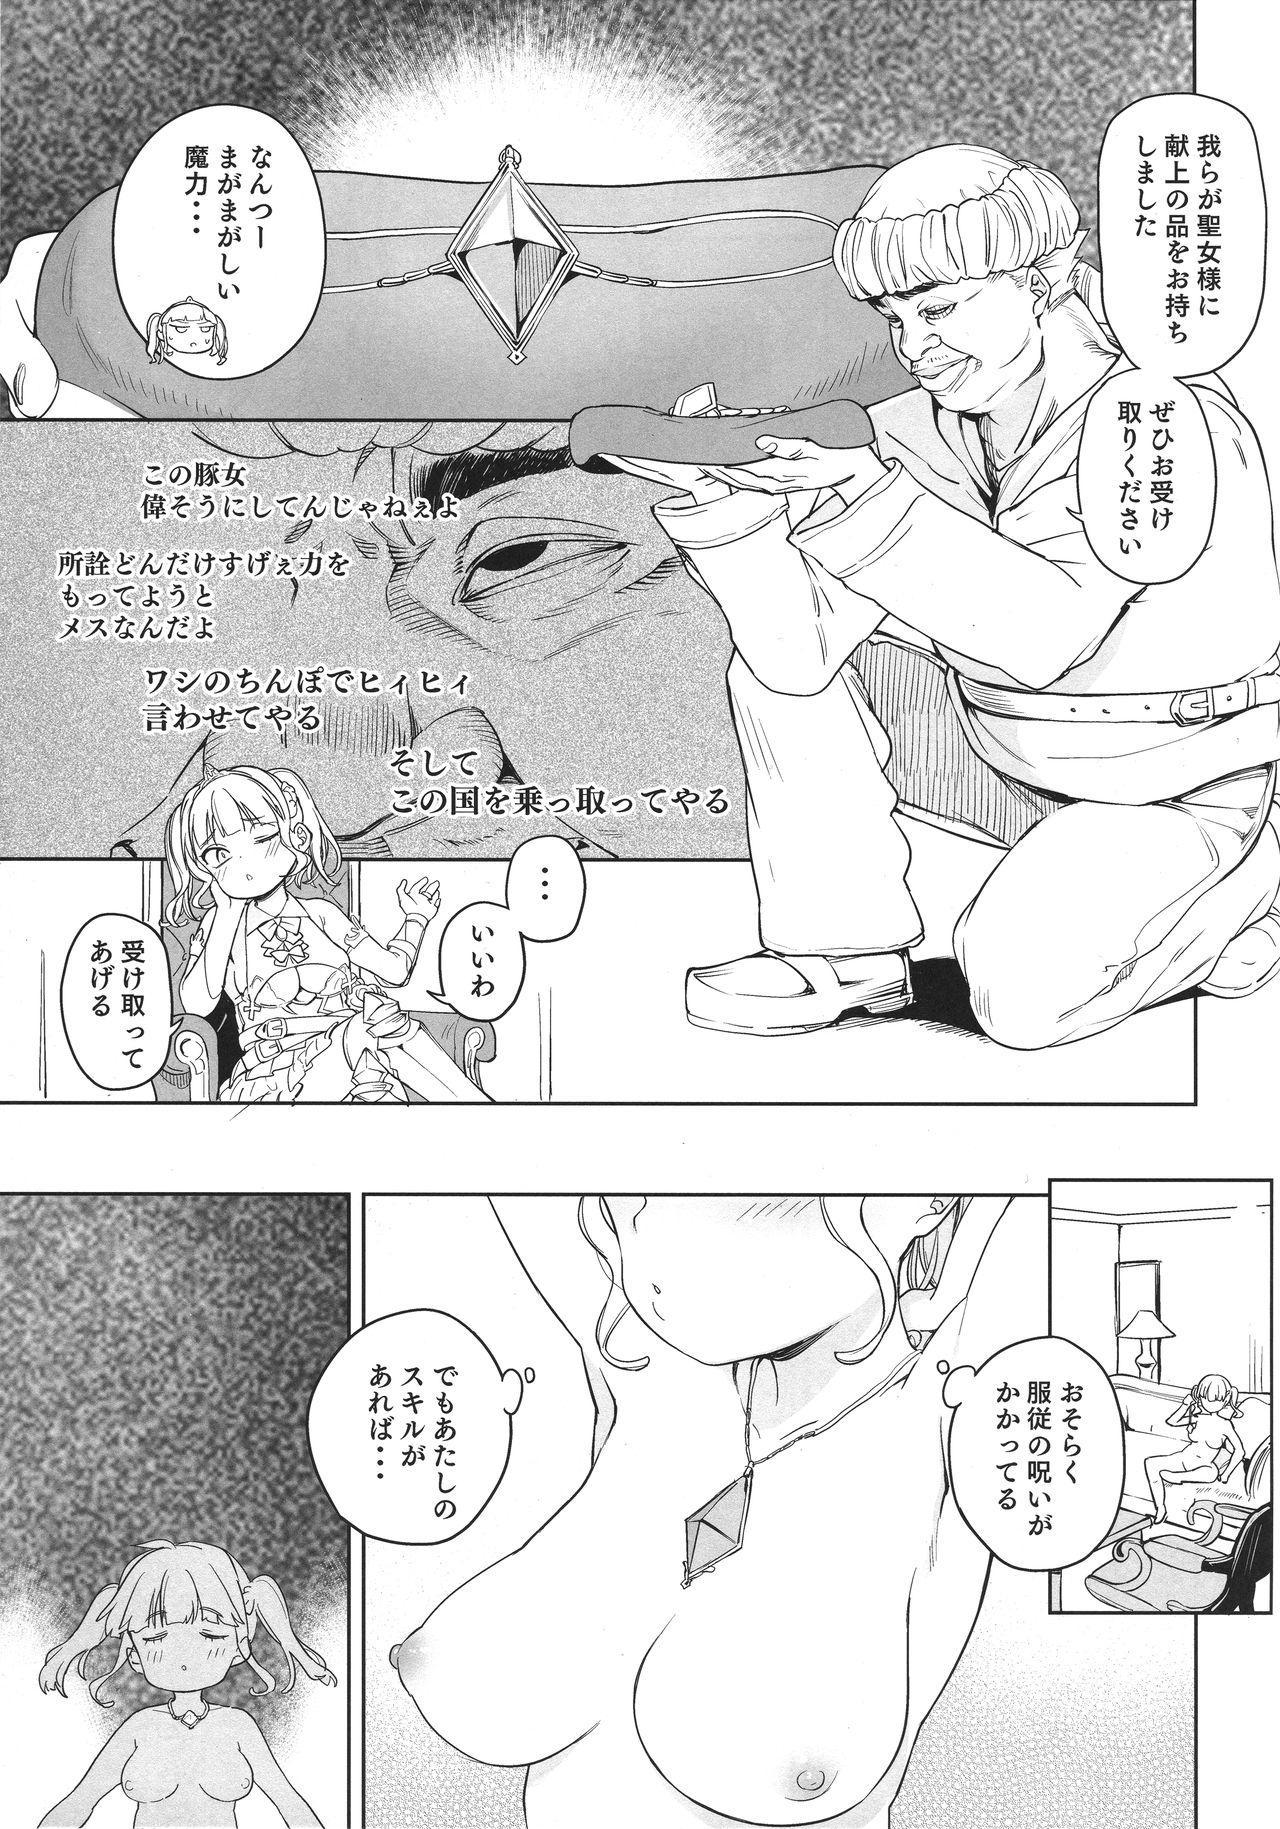 Tsugou no Yoi Tanoshii Isekai de Kuzuo no Benri na Mesu ni Naru 5